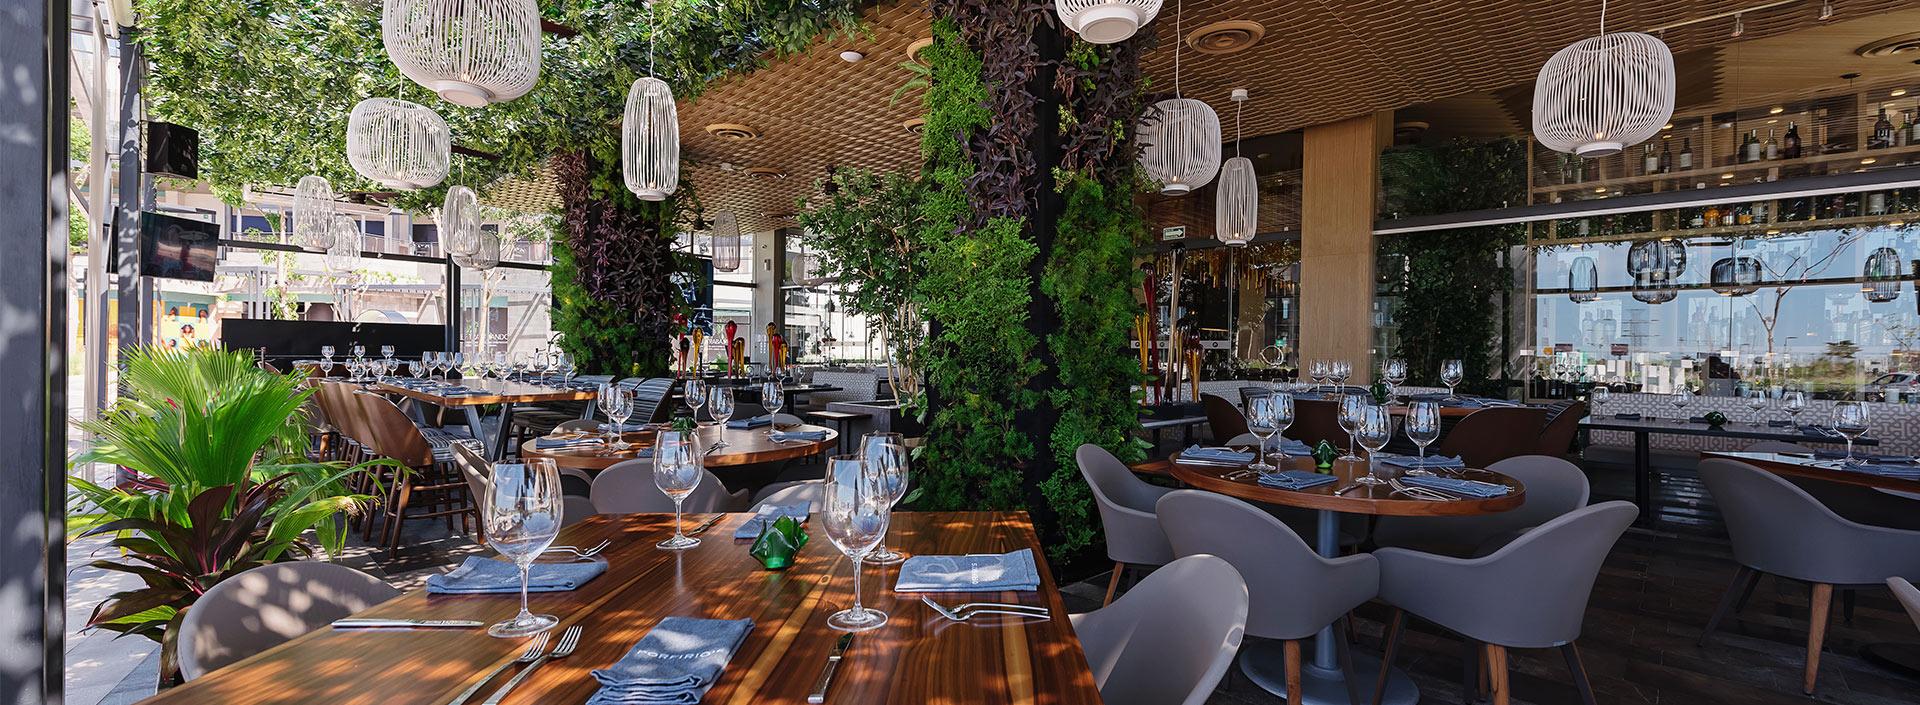 porfirios-el-mejor-restaurante-de-comida-mexicana-en-merida